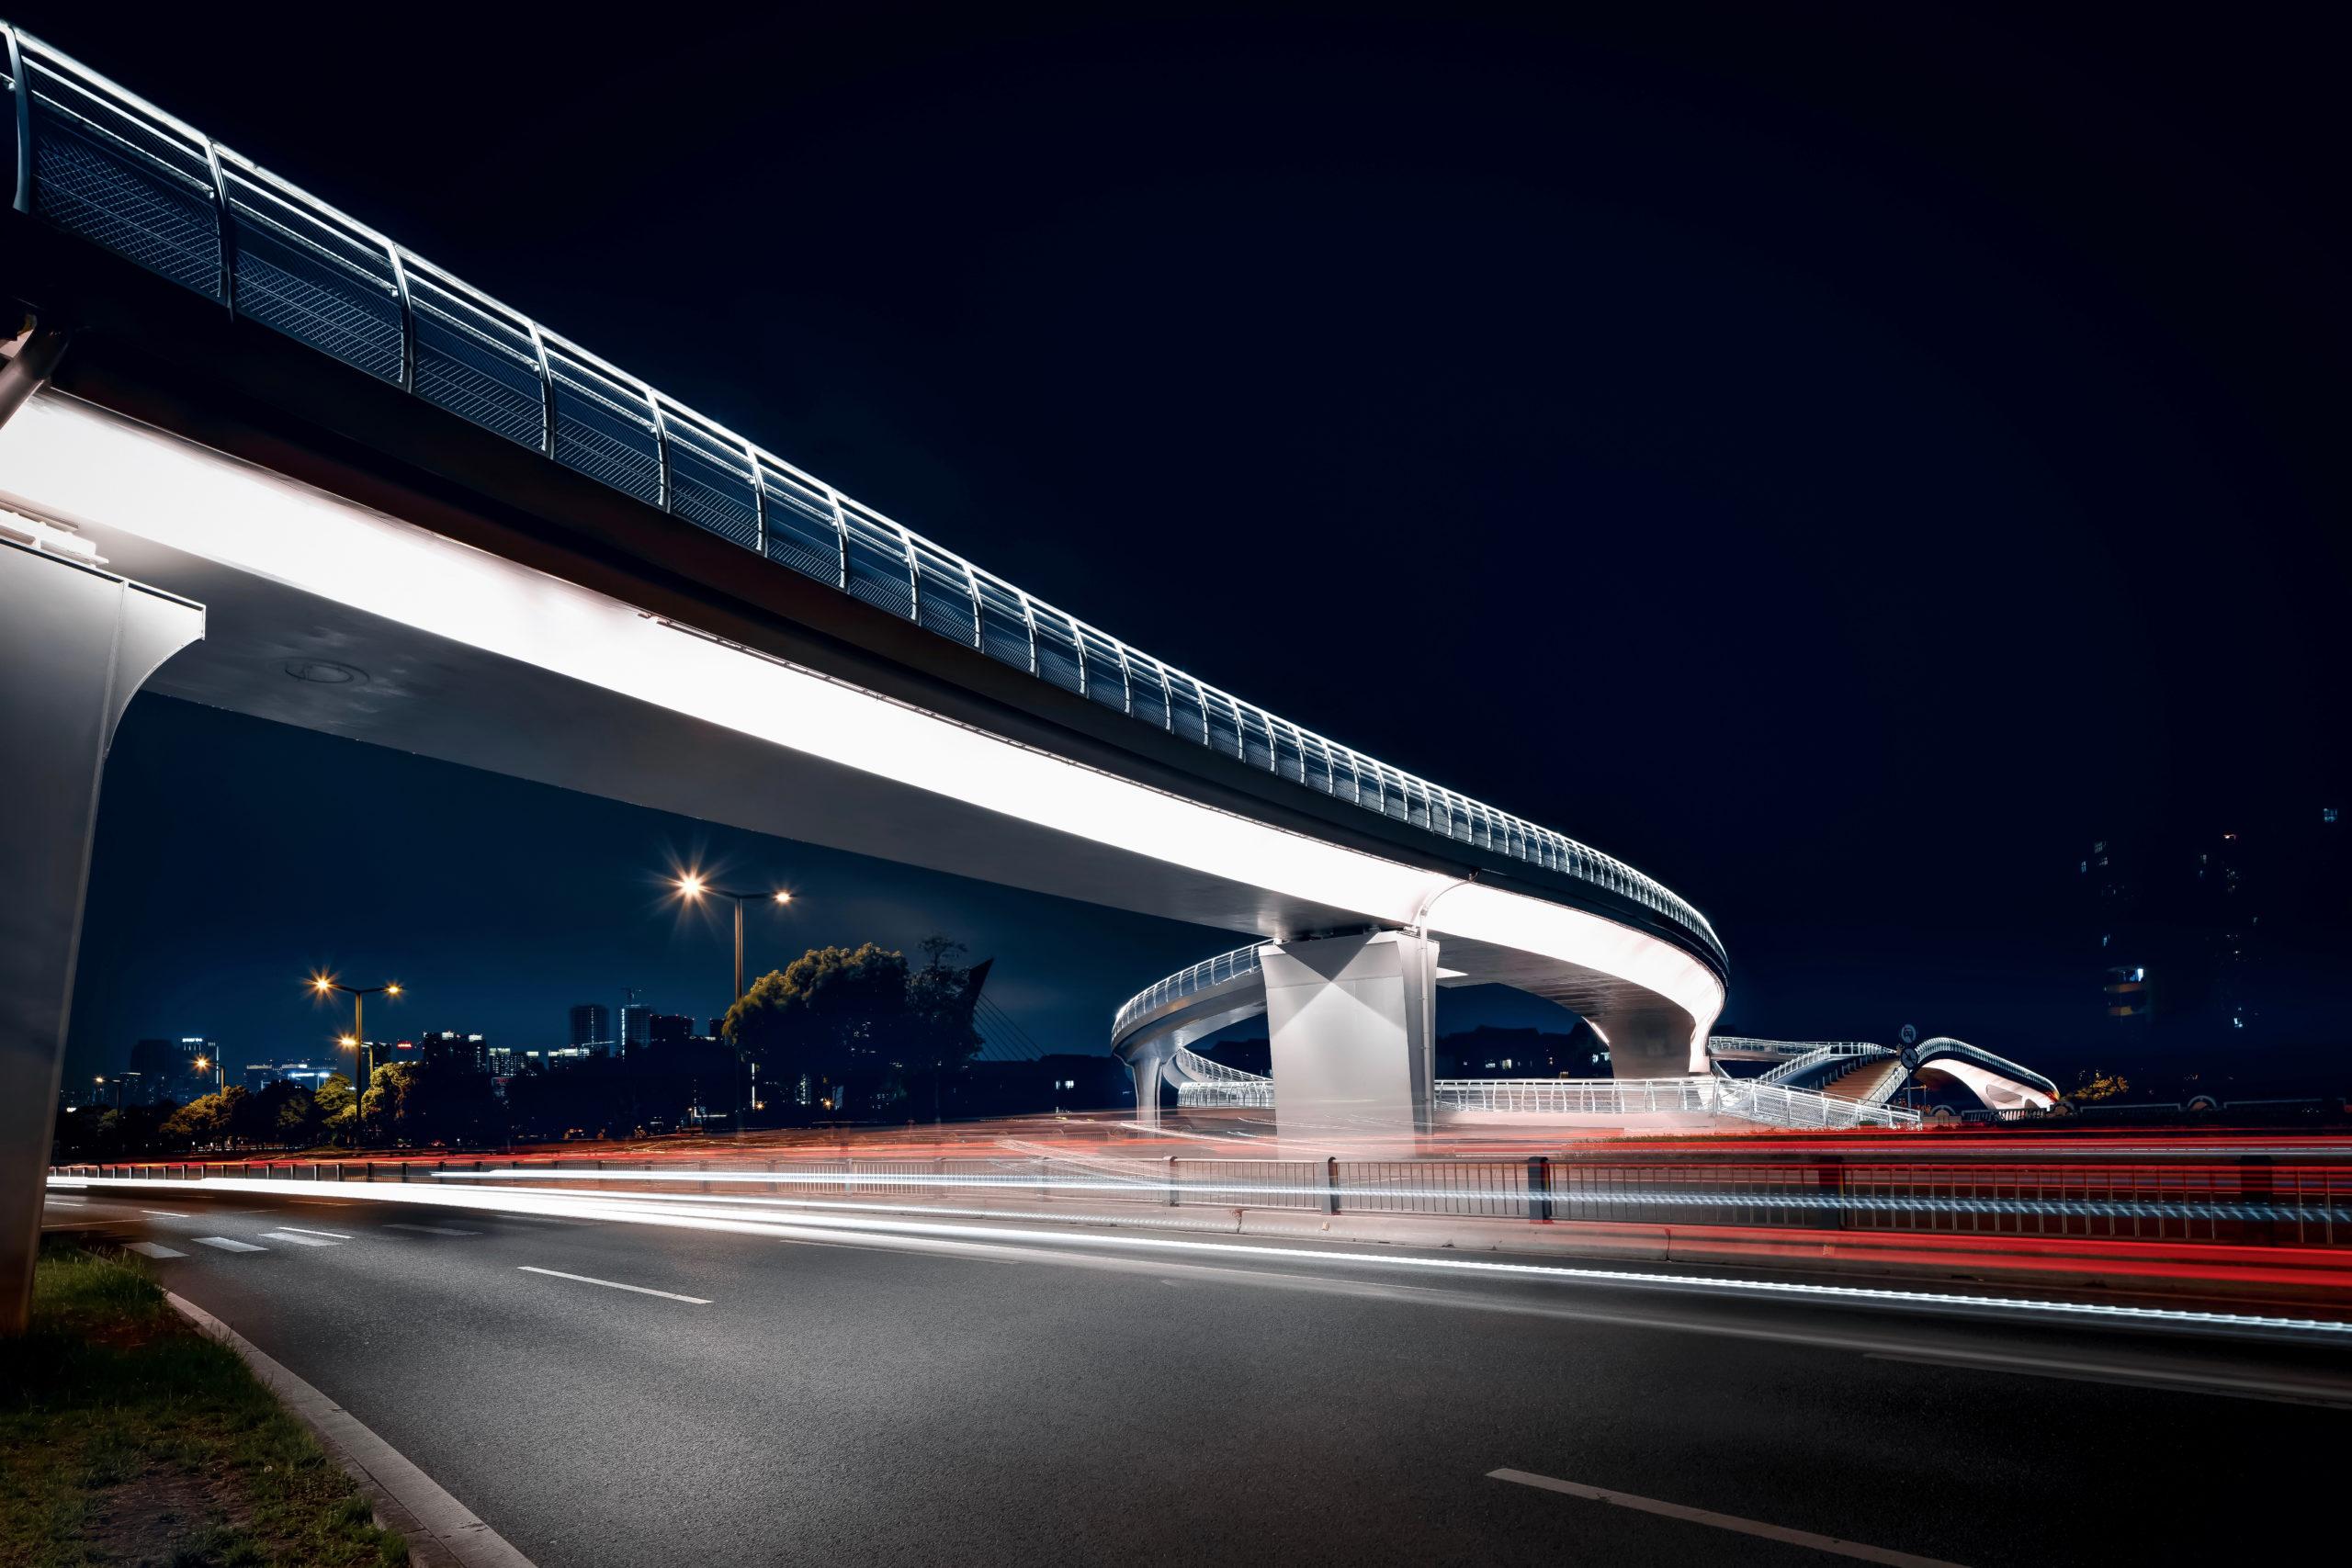 五岔子大橋 Wuchazi Bridge Night View long exposure street view